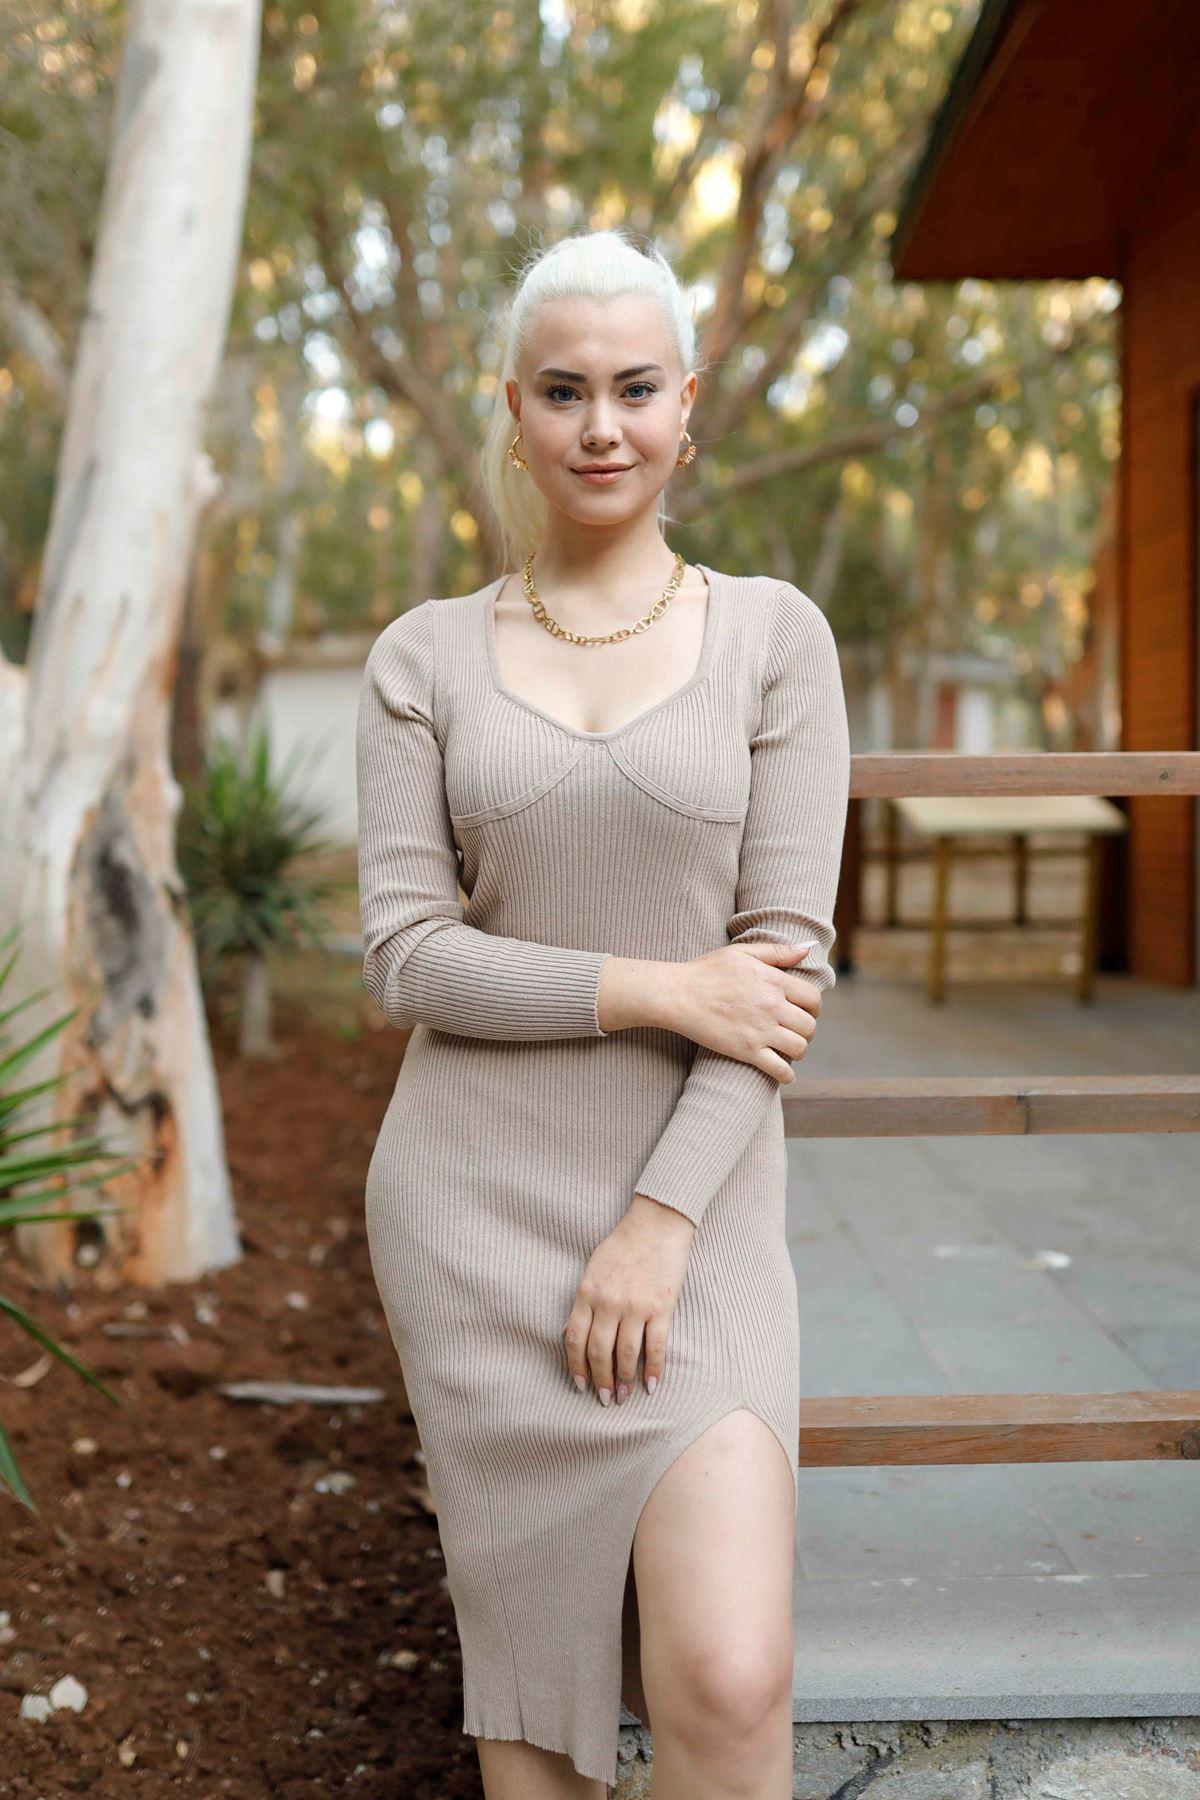 Bej Öpücük Yaka Triko Elbise